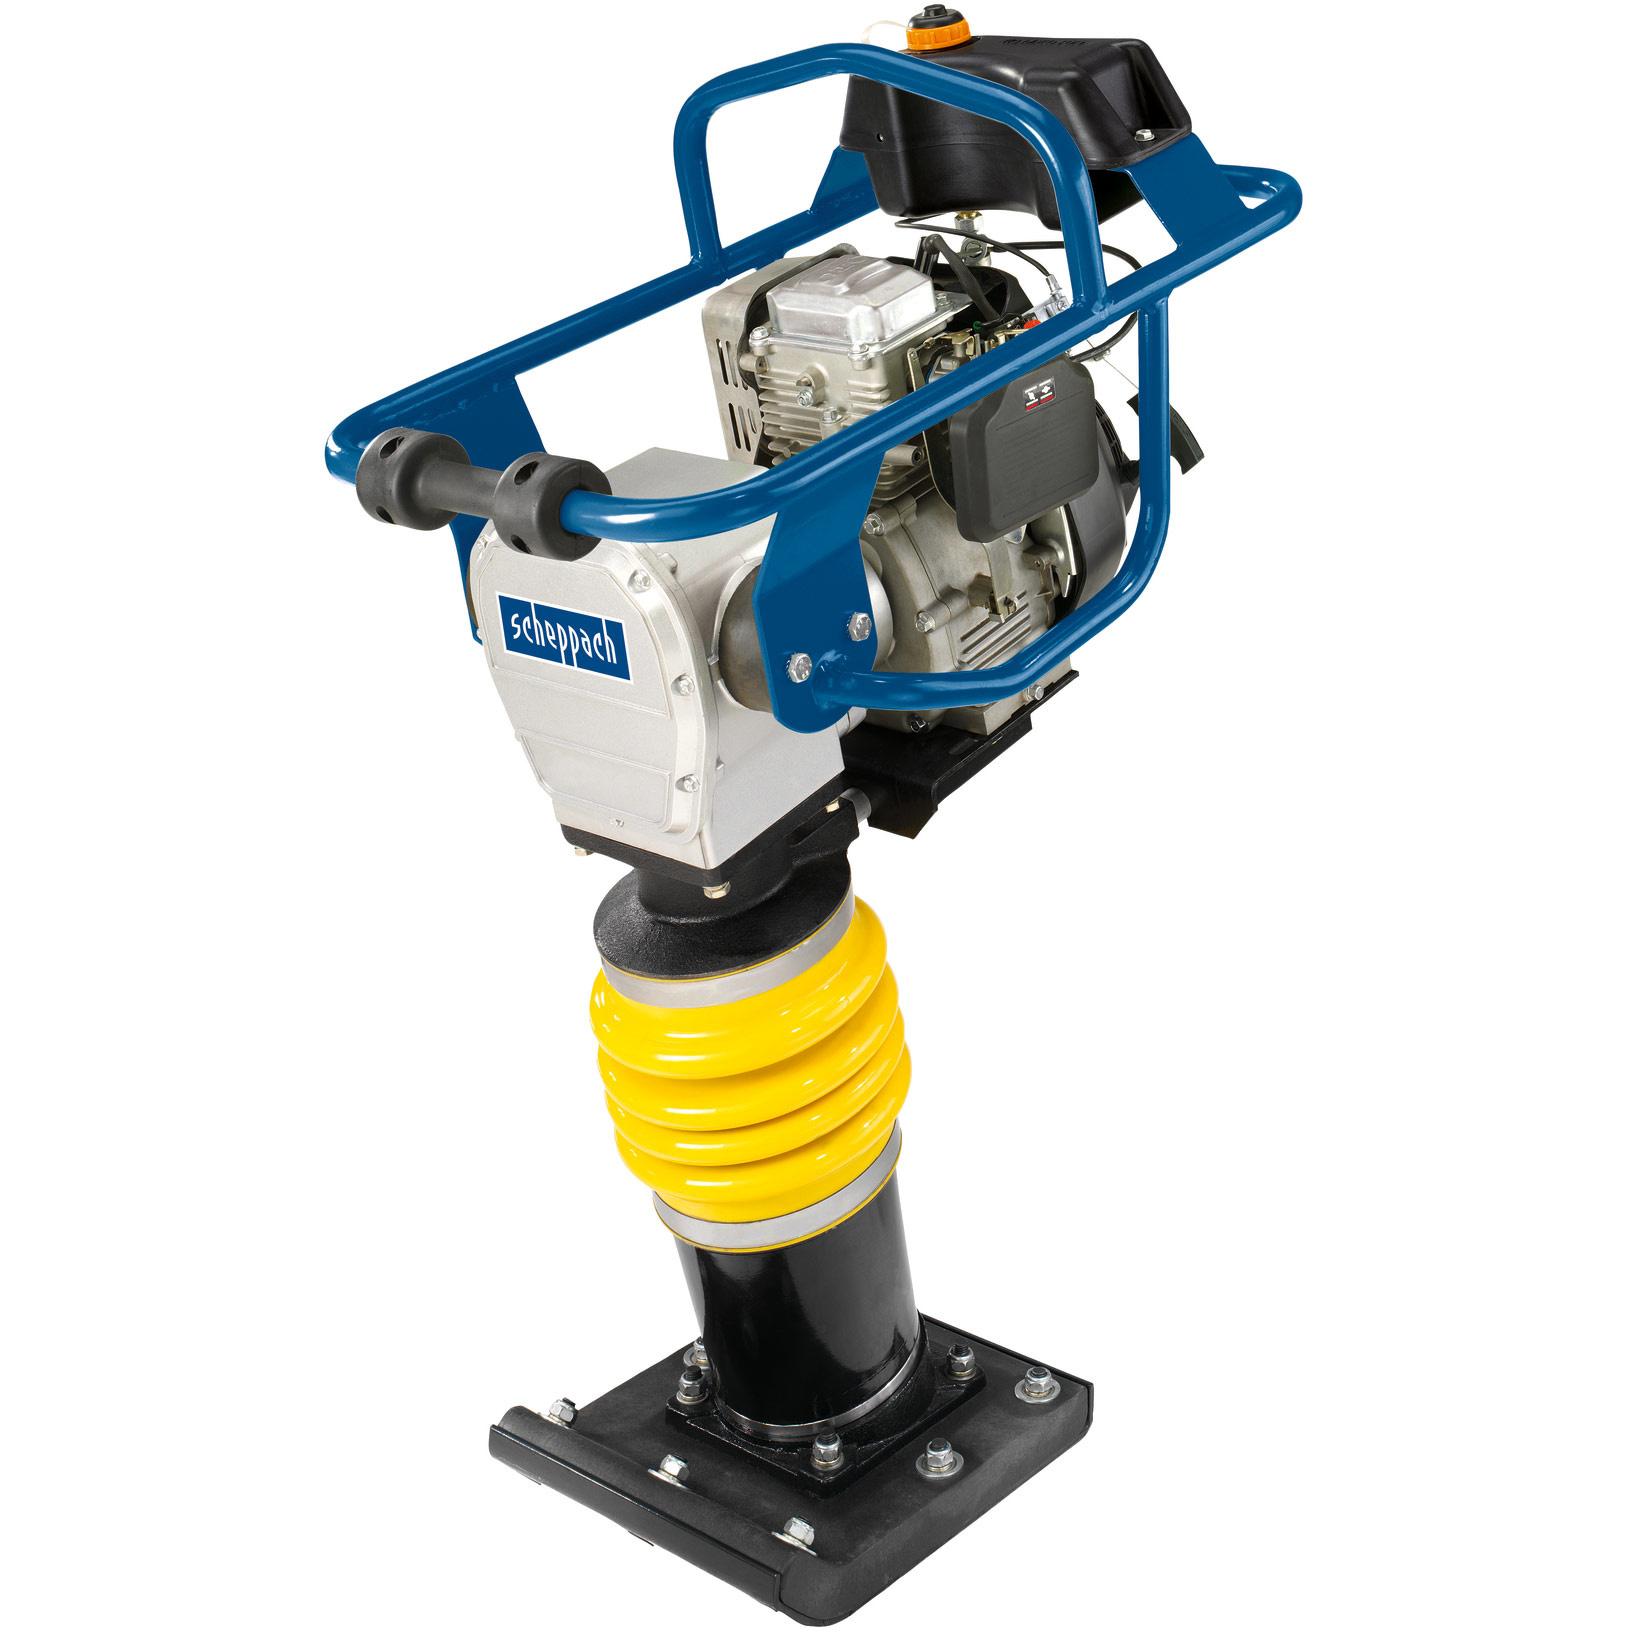 Scheppach Benzine vibratie stamper - Trilplaat  VS1000? 6,5pk | 10.000N | 345 x 285 mm